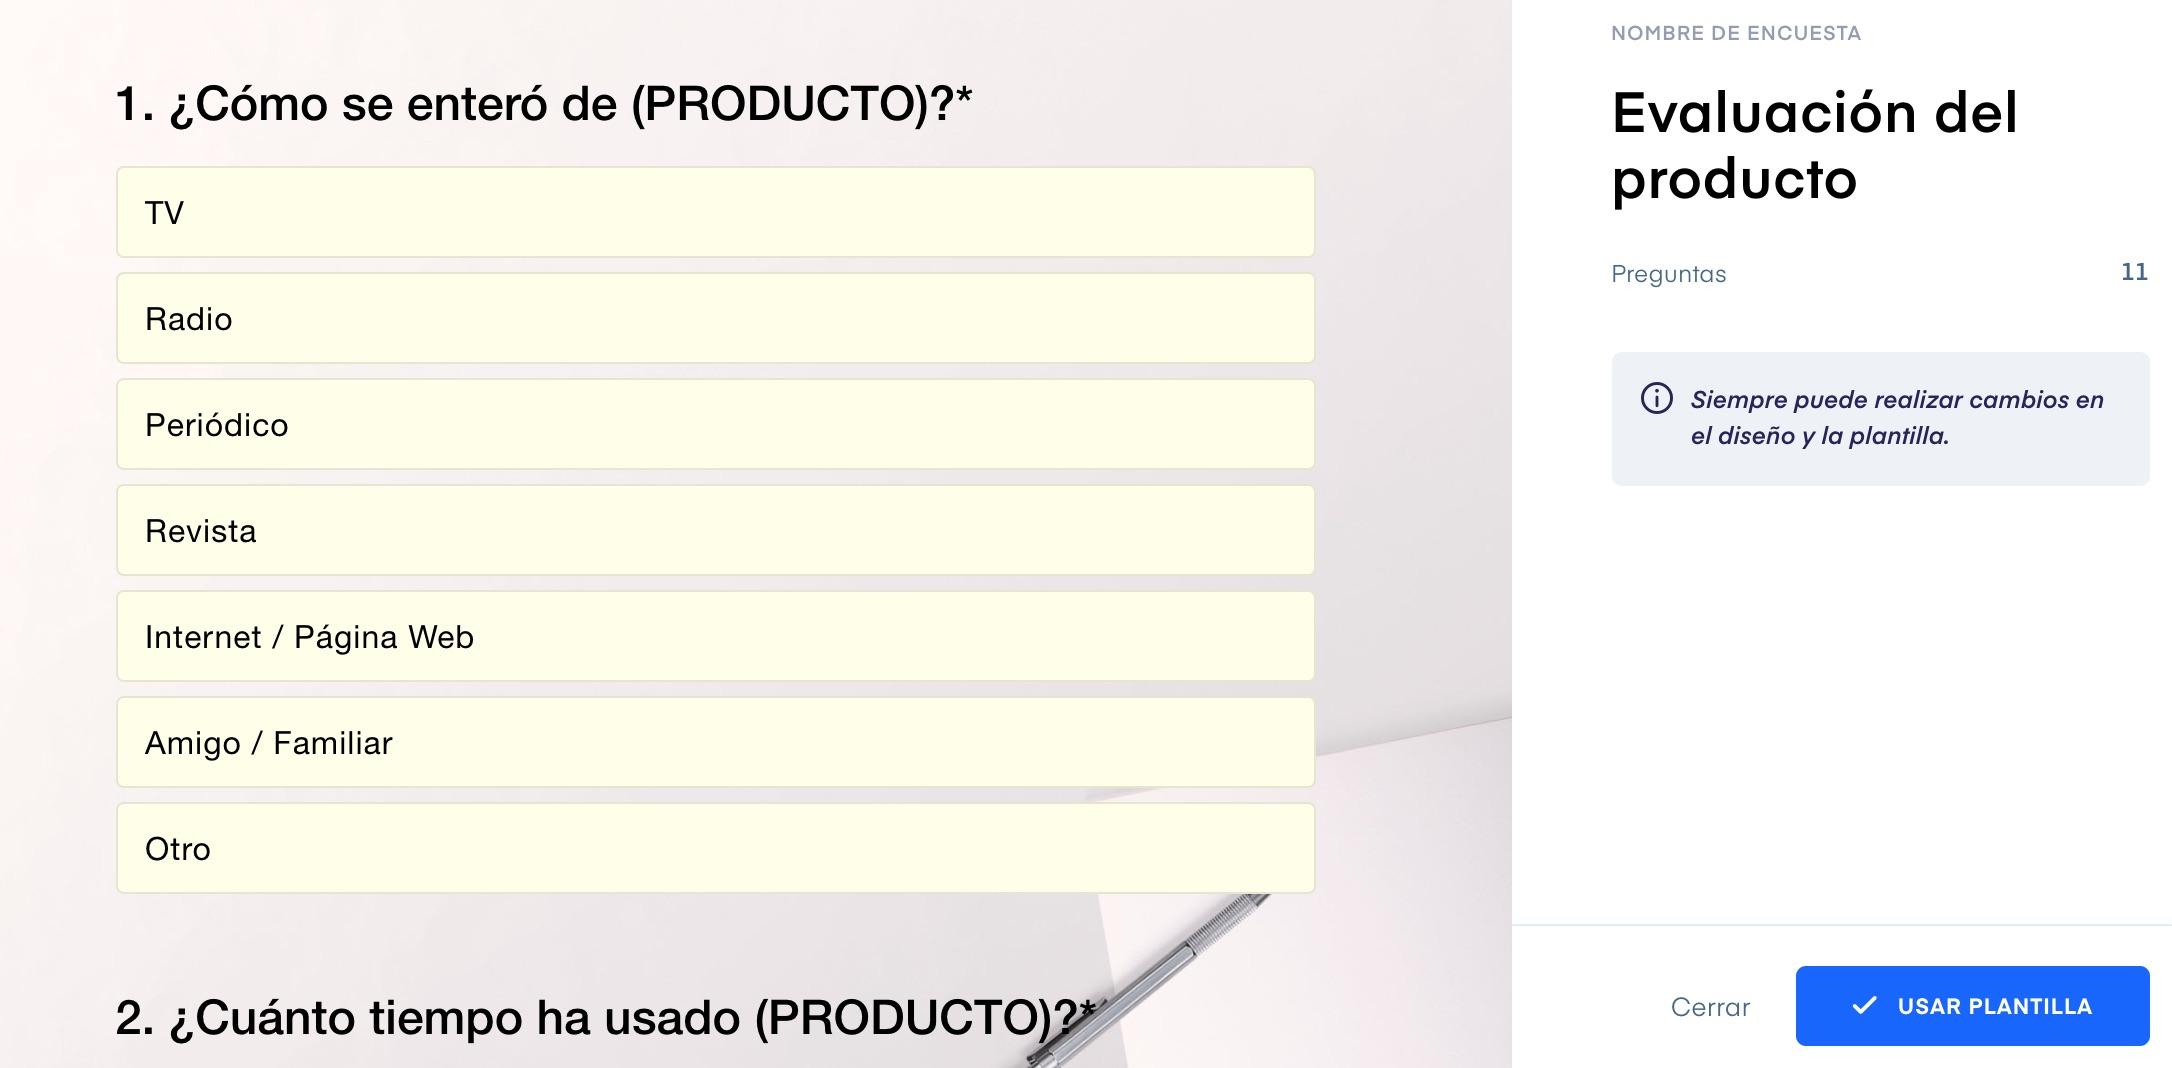 Survio, herramientas para hacer encuestas online